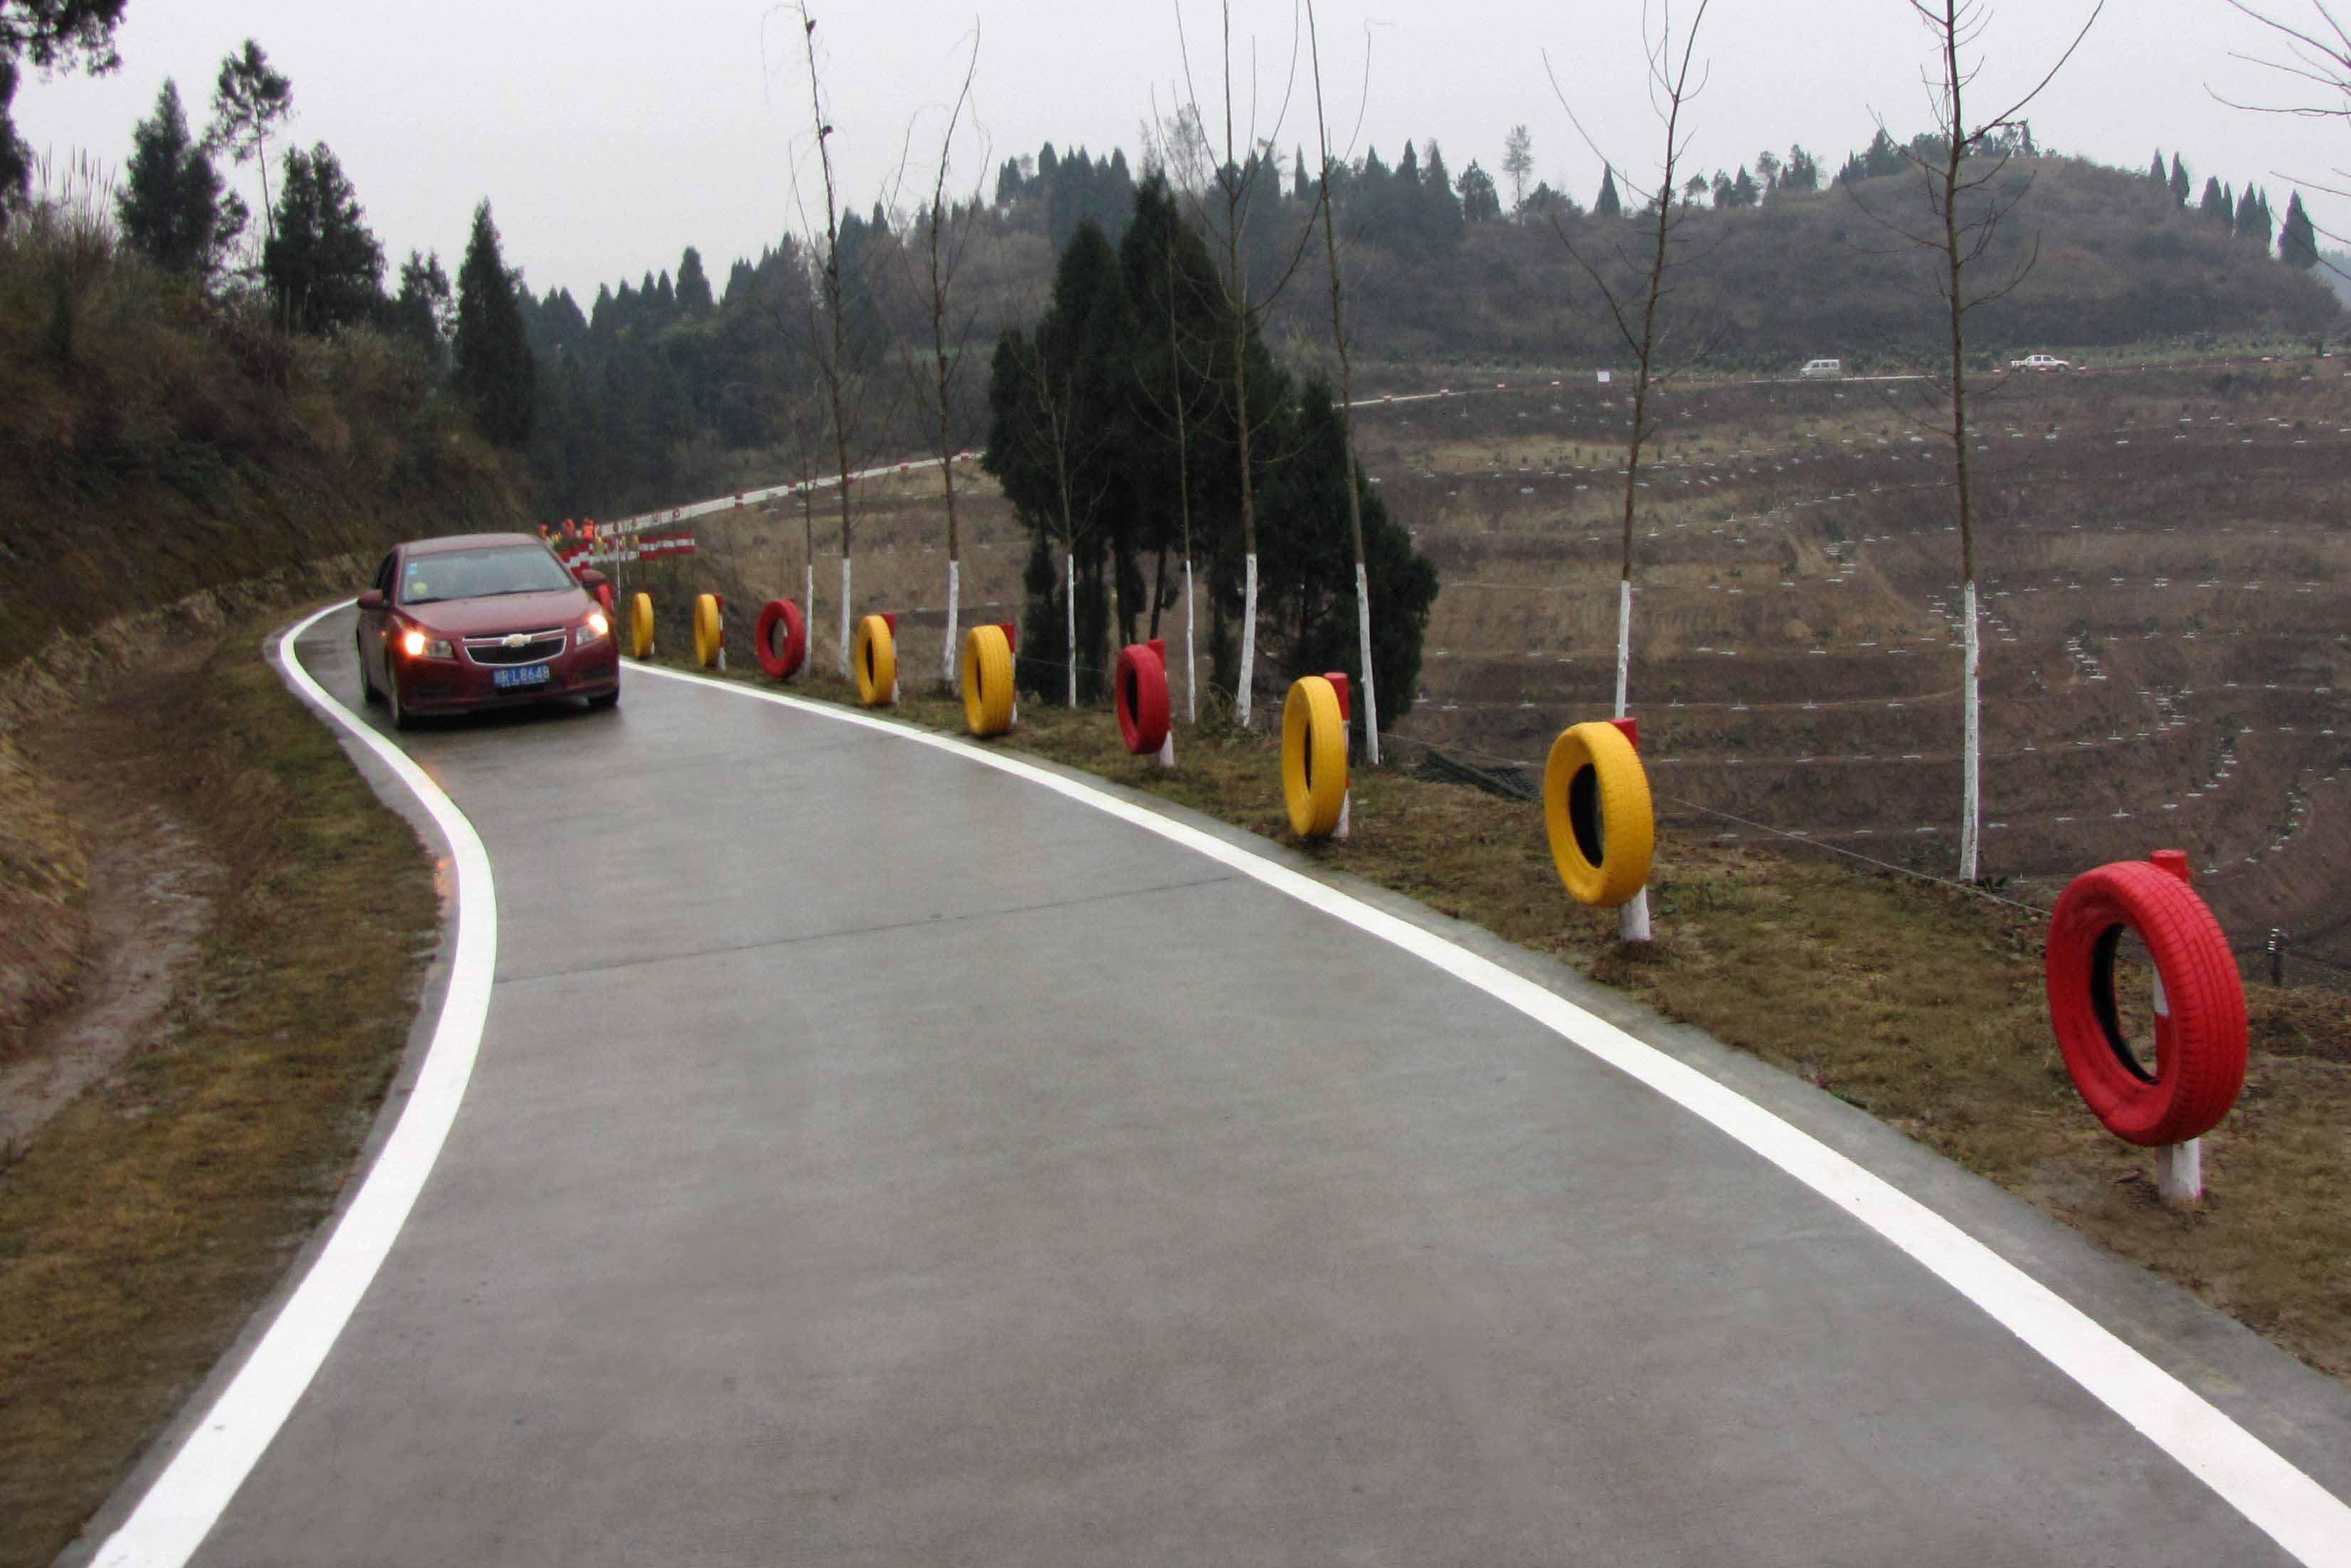 村公路对大中桥建设的需求。完善重要农村公路安保设施10000公里,全省县道和部分重要旅游公路危险路段完成波形护栏或钢筋混凝土防撞护栏建设,基本消除公路安全隐患。 三是实施城乡交通运输一体化示范工程。选择部分具备条件的县,以提升、完善交通基础设施和运输两个网络为重点,开展城乡交通运输一体化示范工程建设,改造农村公路6000公里,为全省城乡交通运输一体化发展提供建设、养护、营运、管理方面的经验。 四是实施重要延伸工程。建设重要乡镇联网路1.